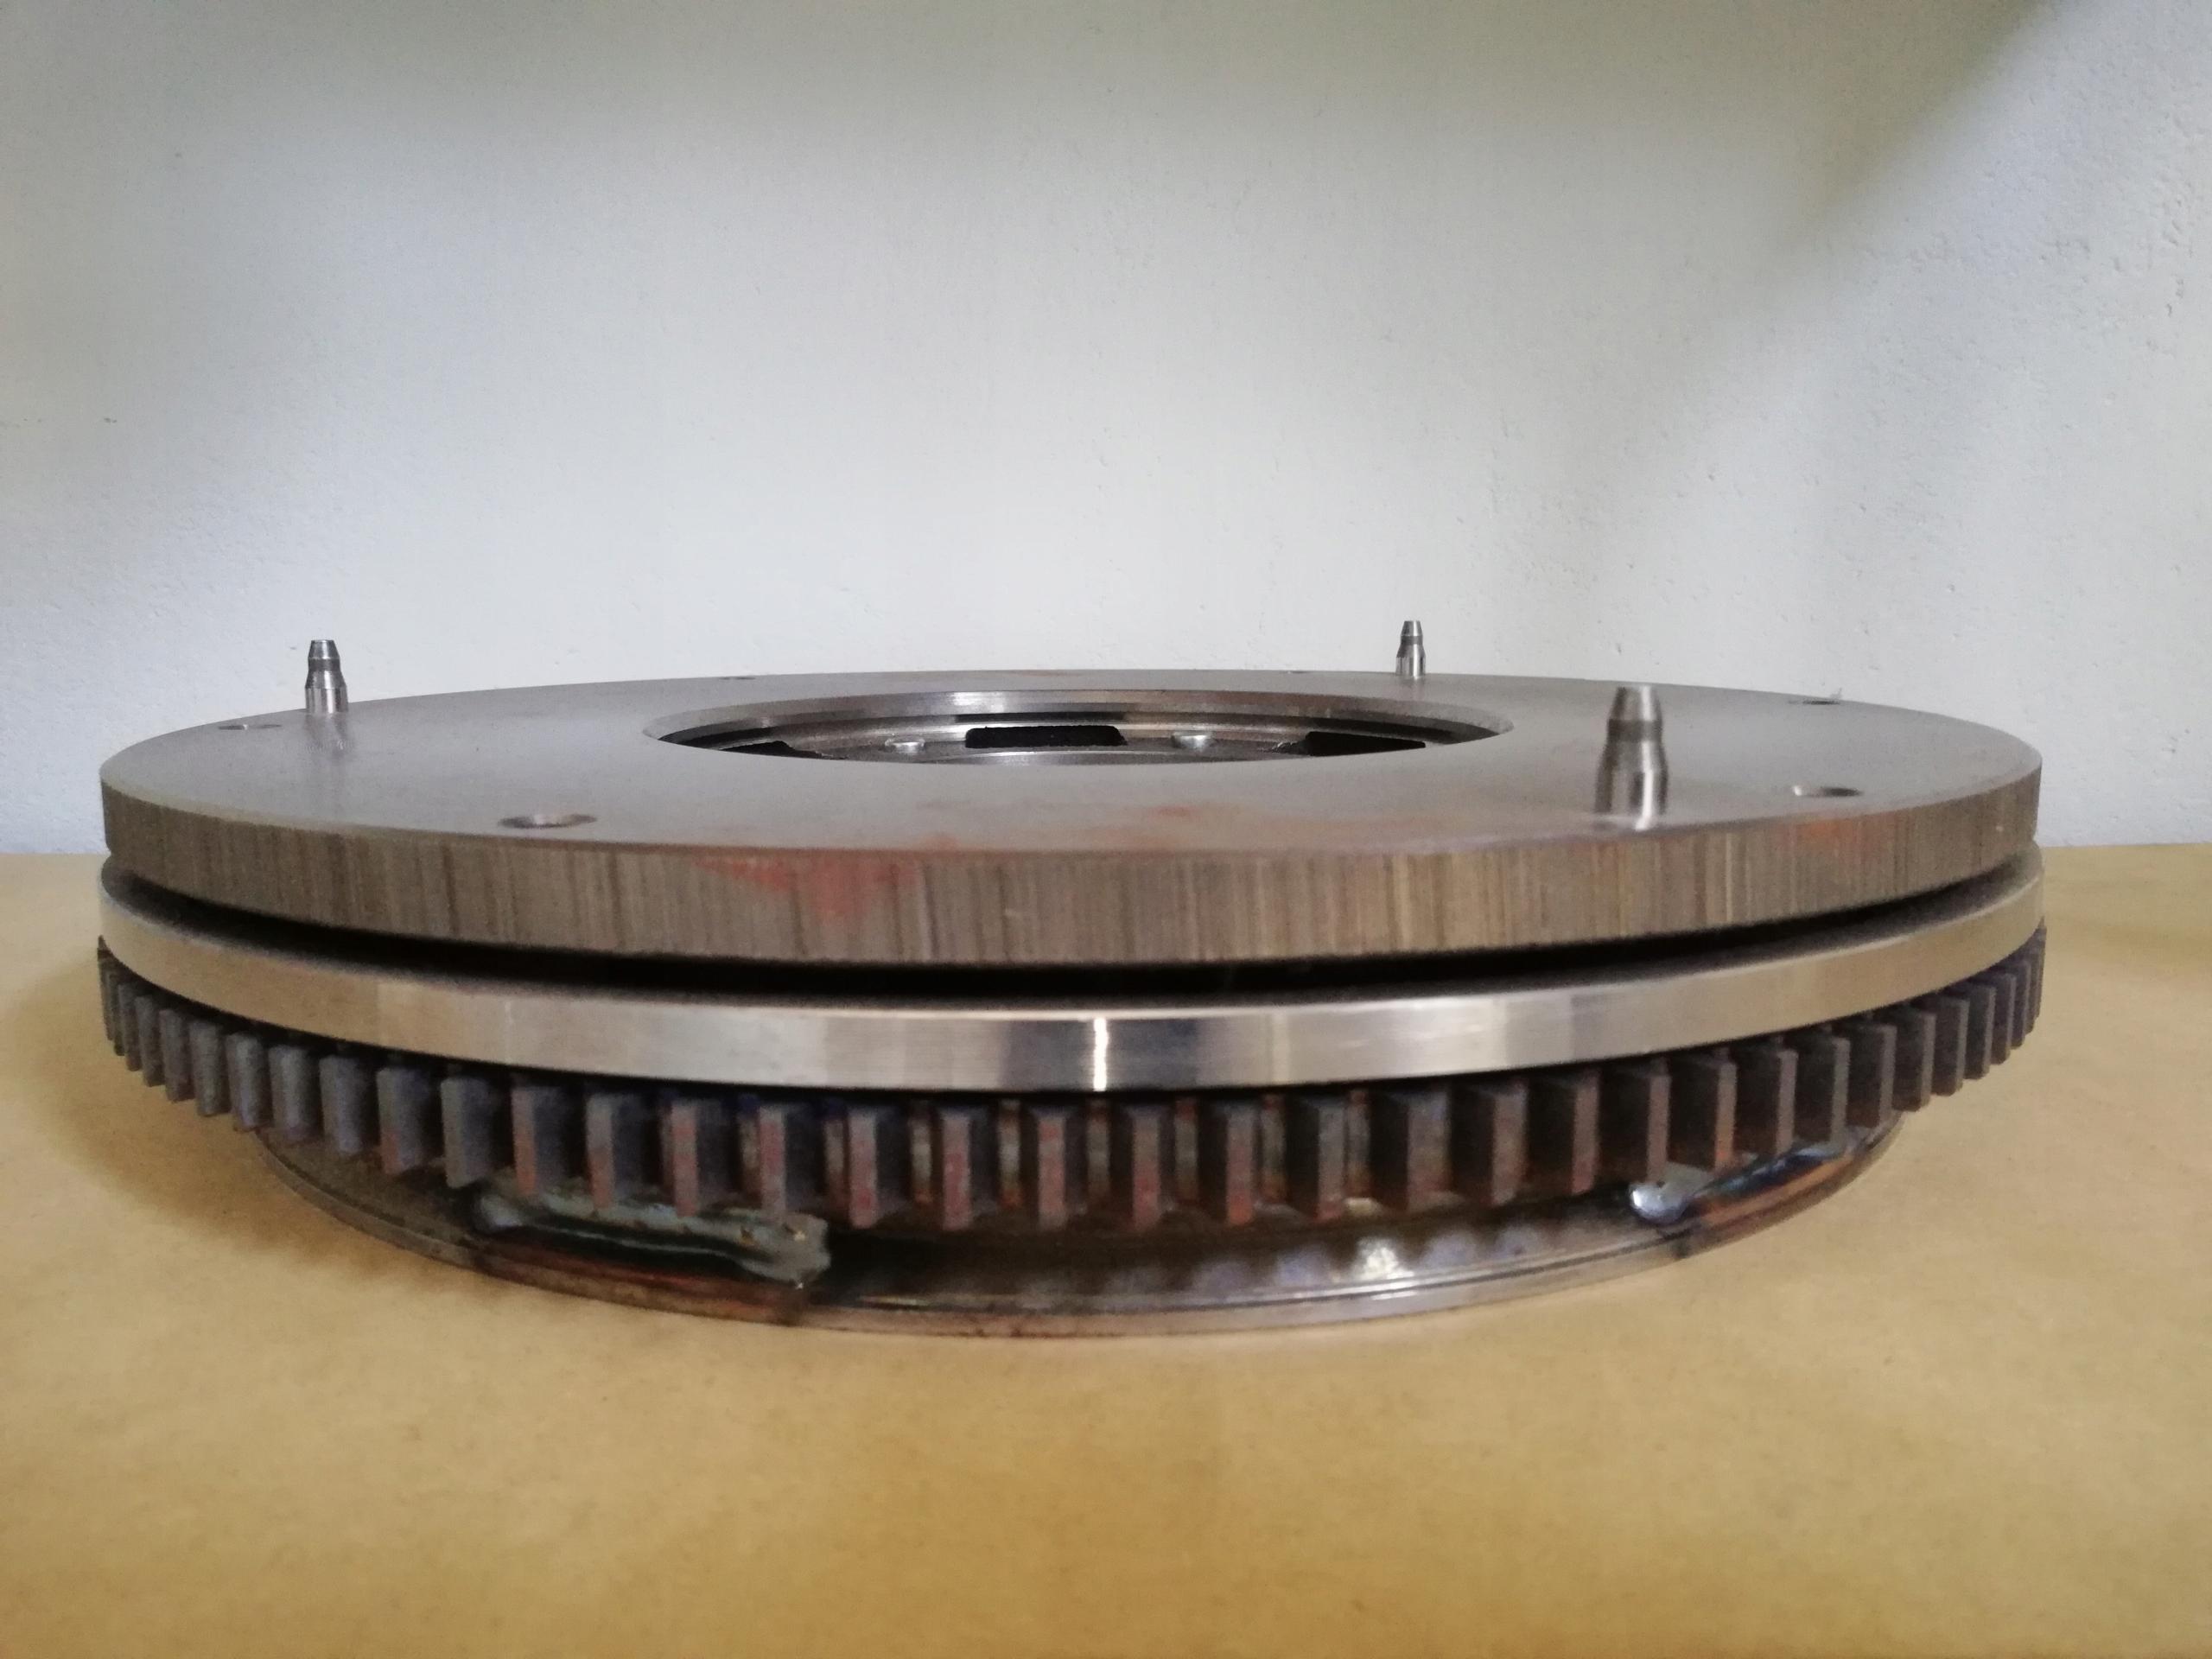 круг двухмассовый iveco daily 415026810 распродажа